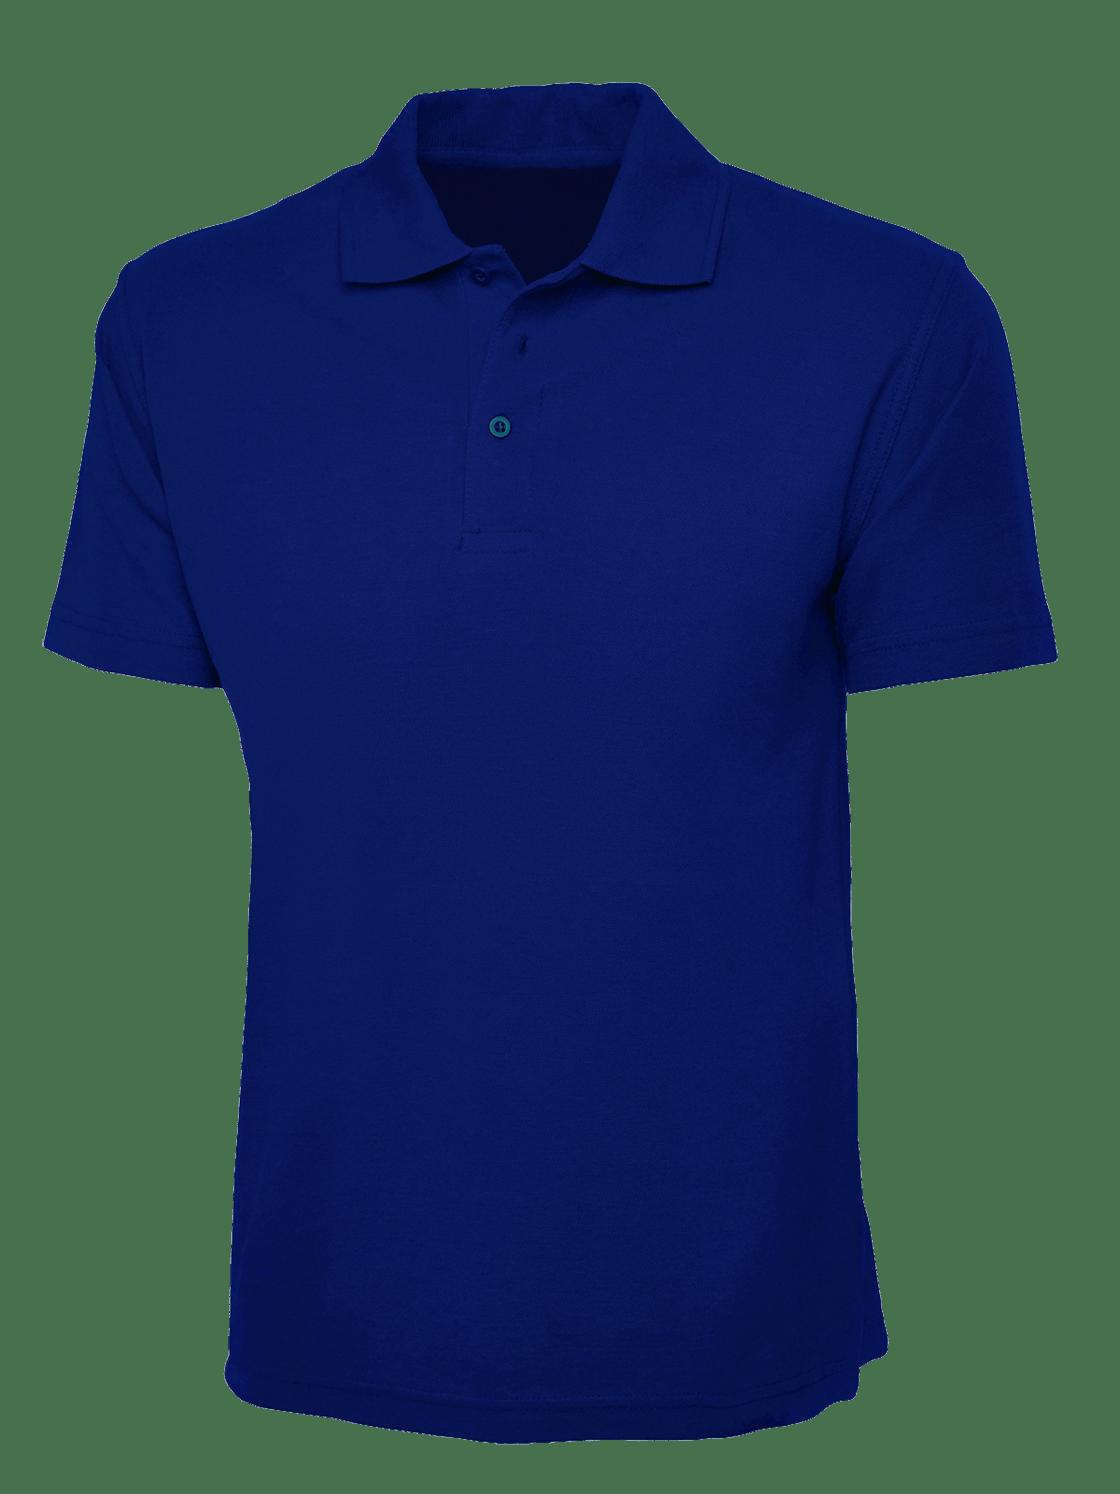 shirts clipart suit shirt